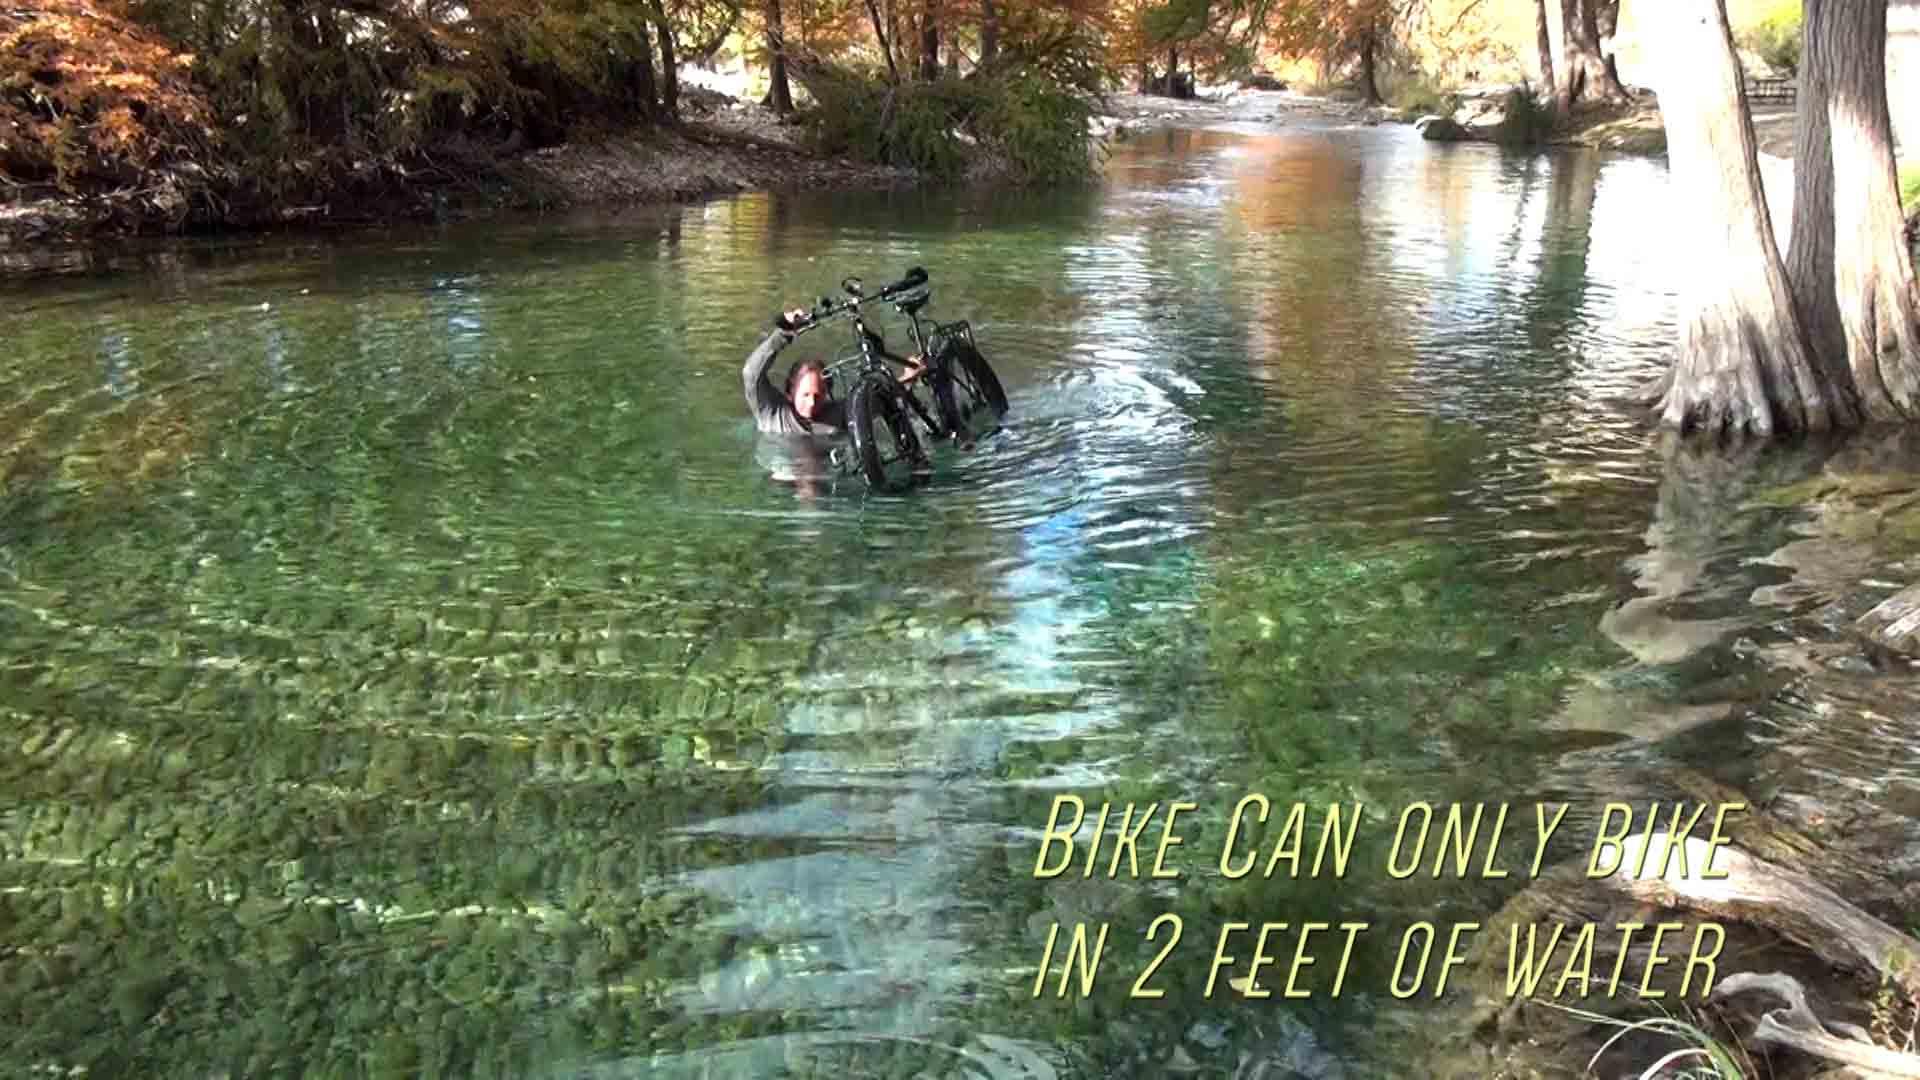 Underwater River Bike Action  R e l a x e d C h a o s